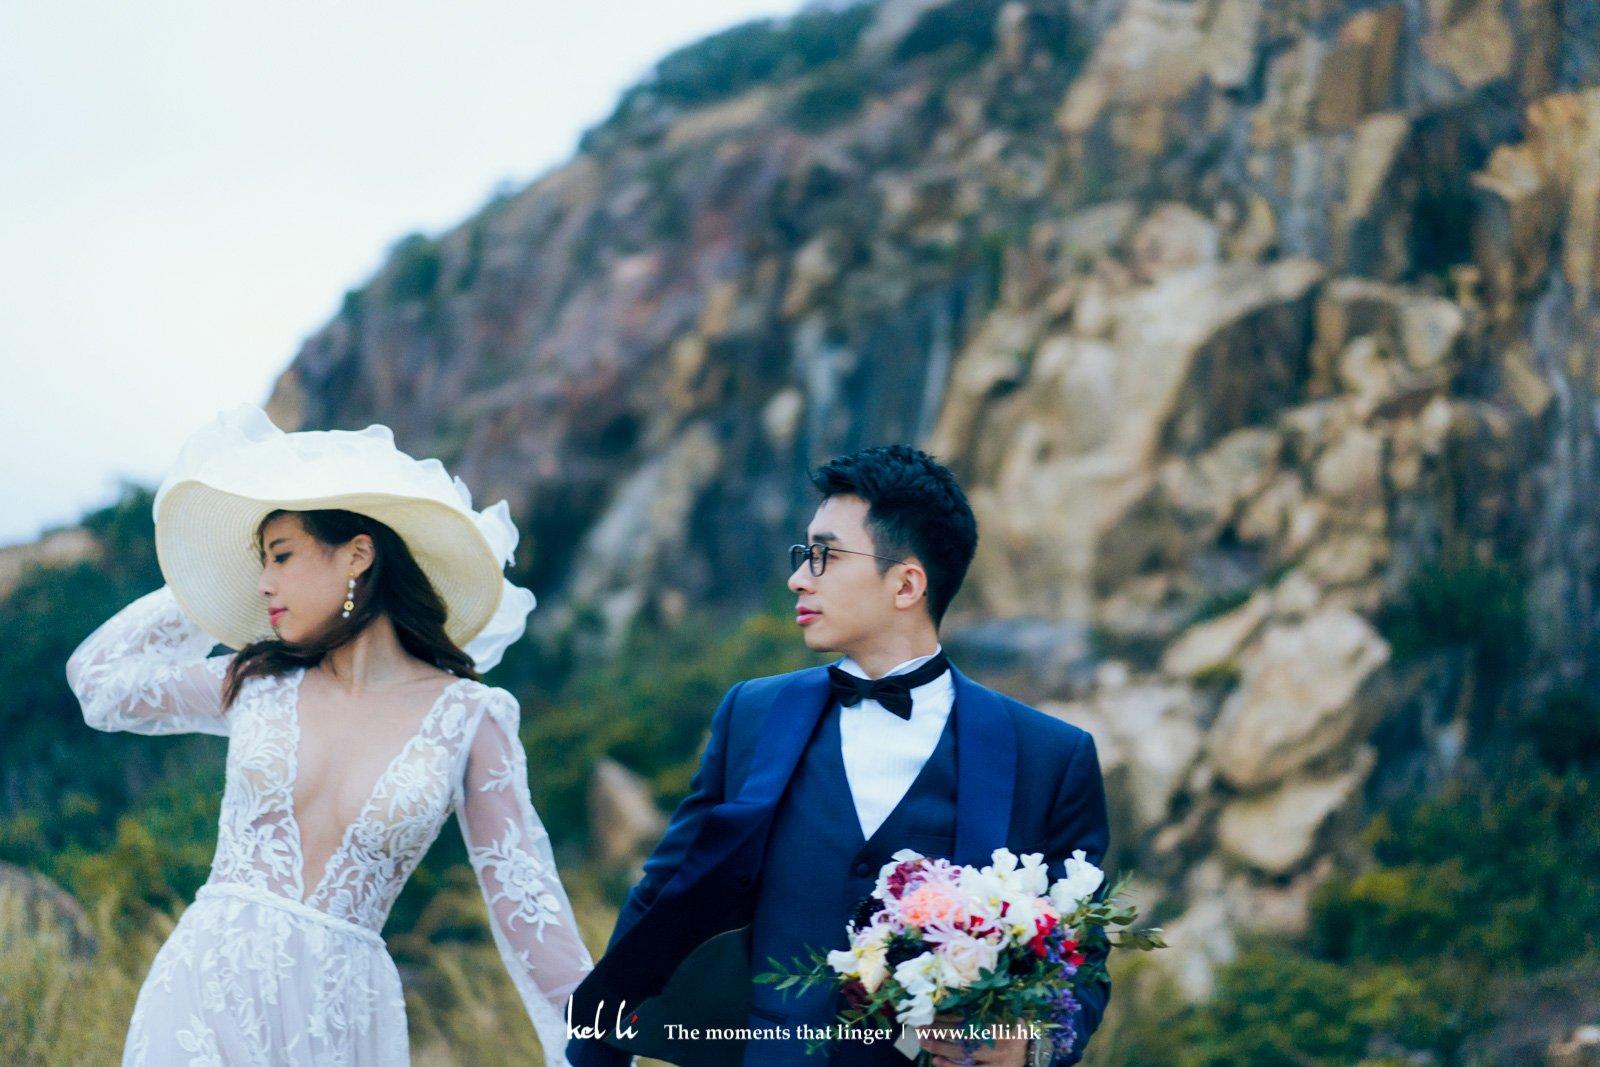 帶著獨特帽子的婚紗照,別有一番風味